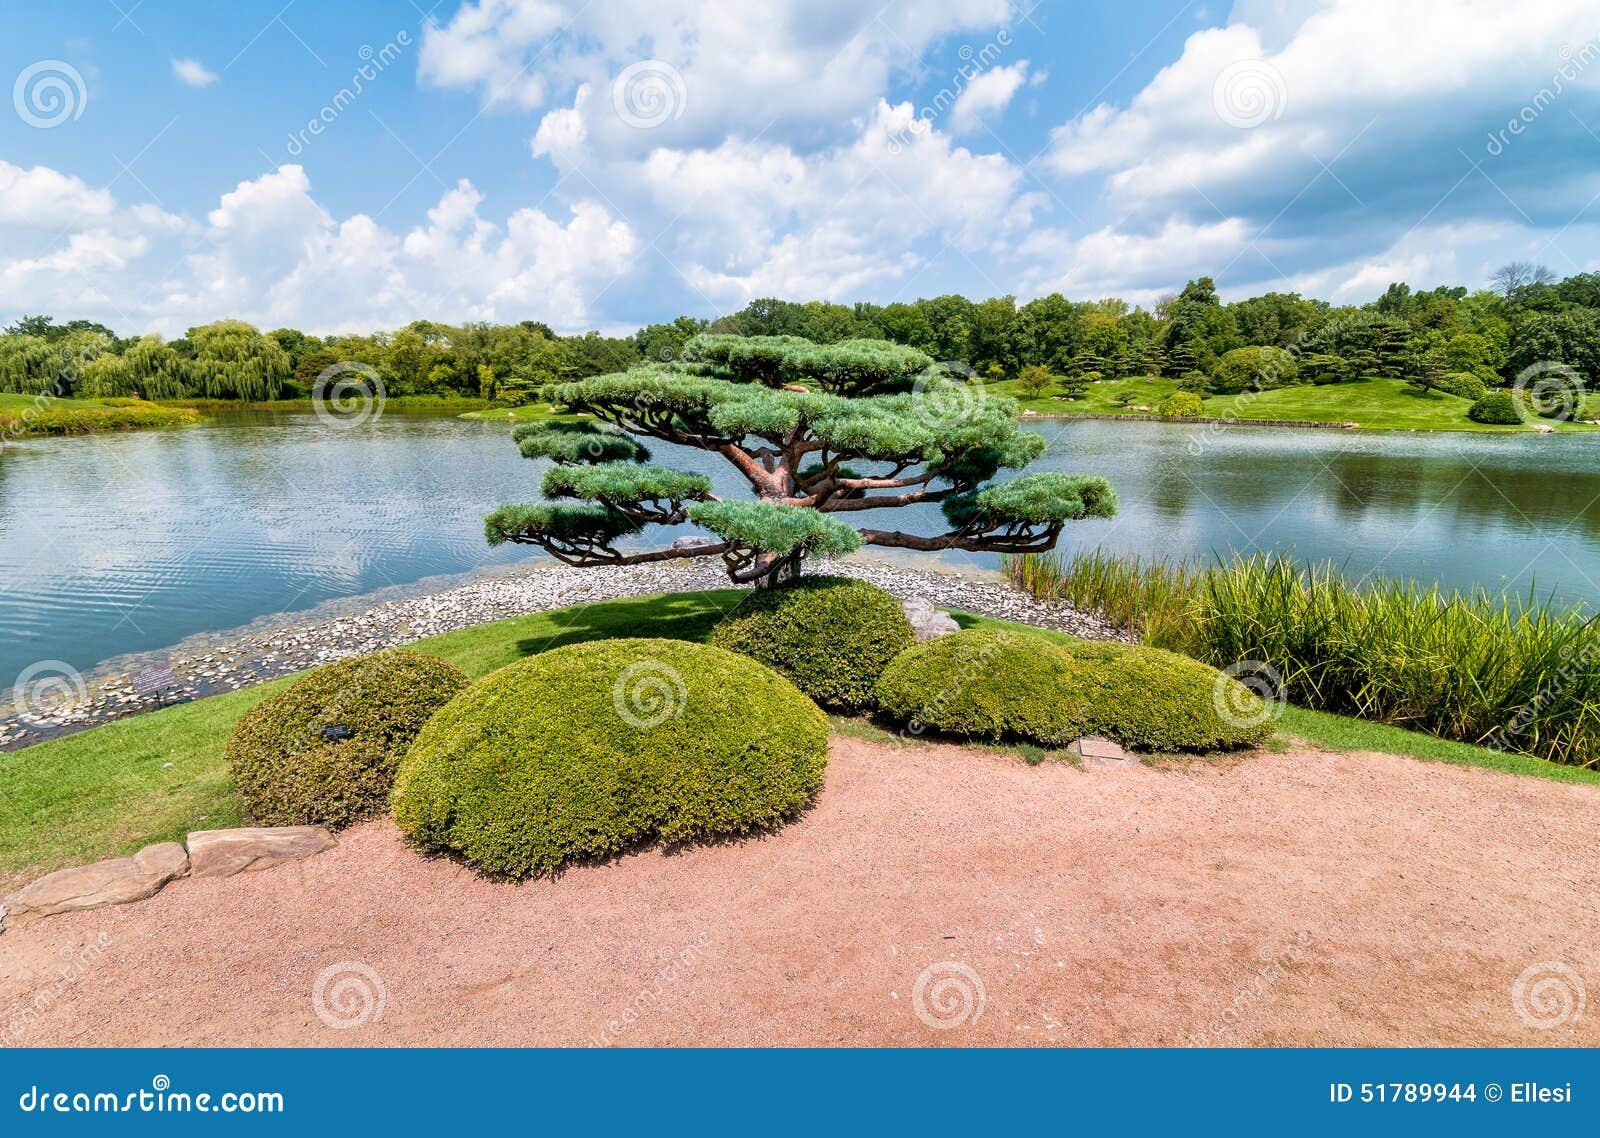 Δέντρο μπονσάι στον ιαπωνικό κήπο του βοτανικού κήπου του Σικάγου